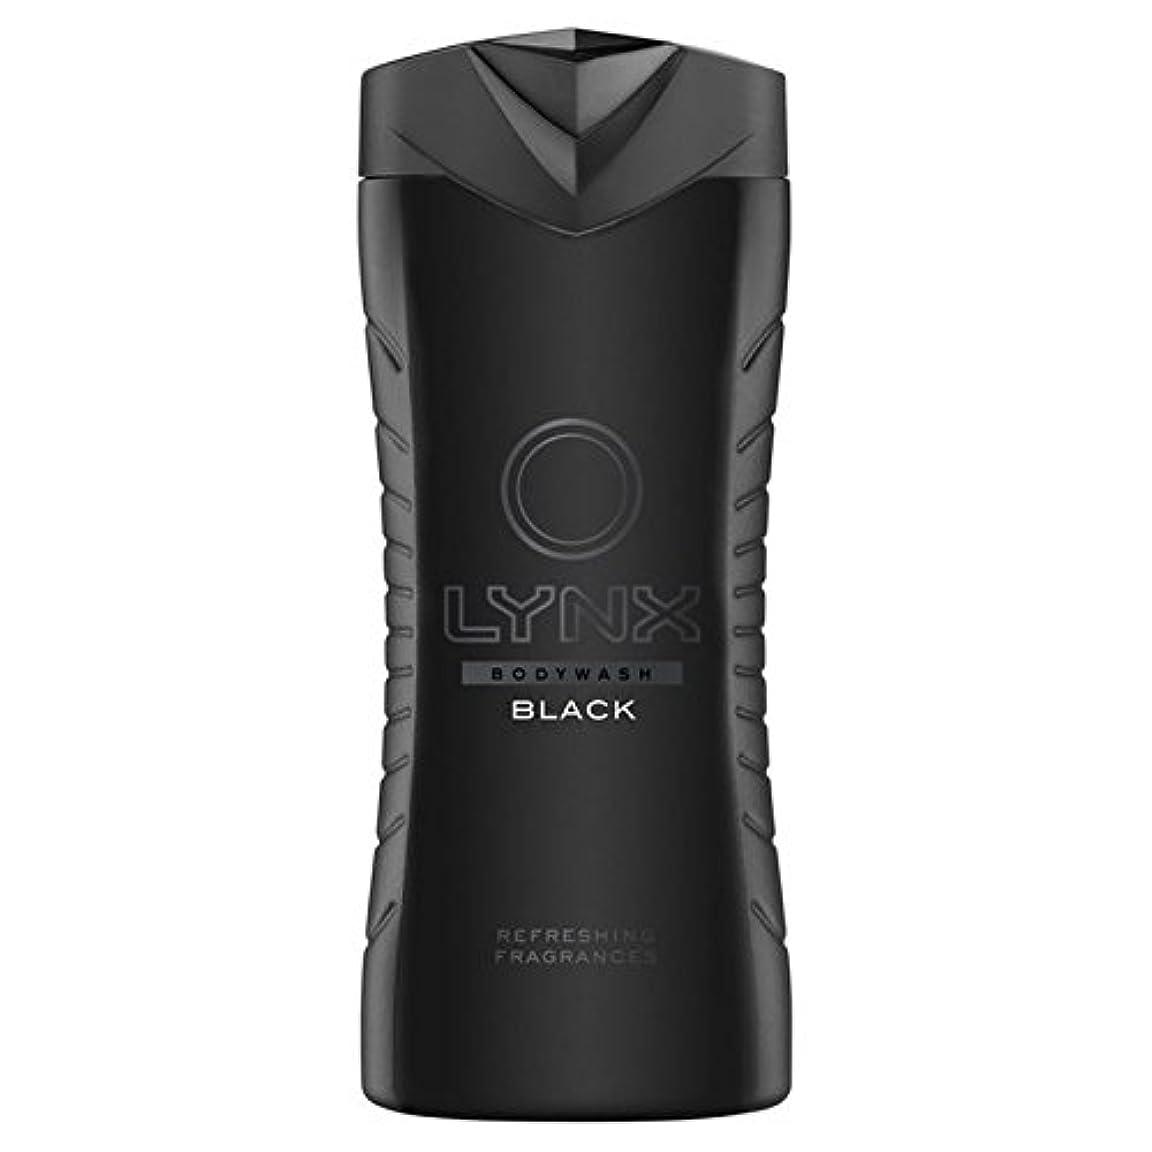 手数料開発する土地オオヤマネコブラックシャワージェル400ミリリットル x4 - Lynx Black Shower Gel 400ml (Pack of 4) [並行輸入品]